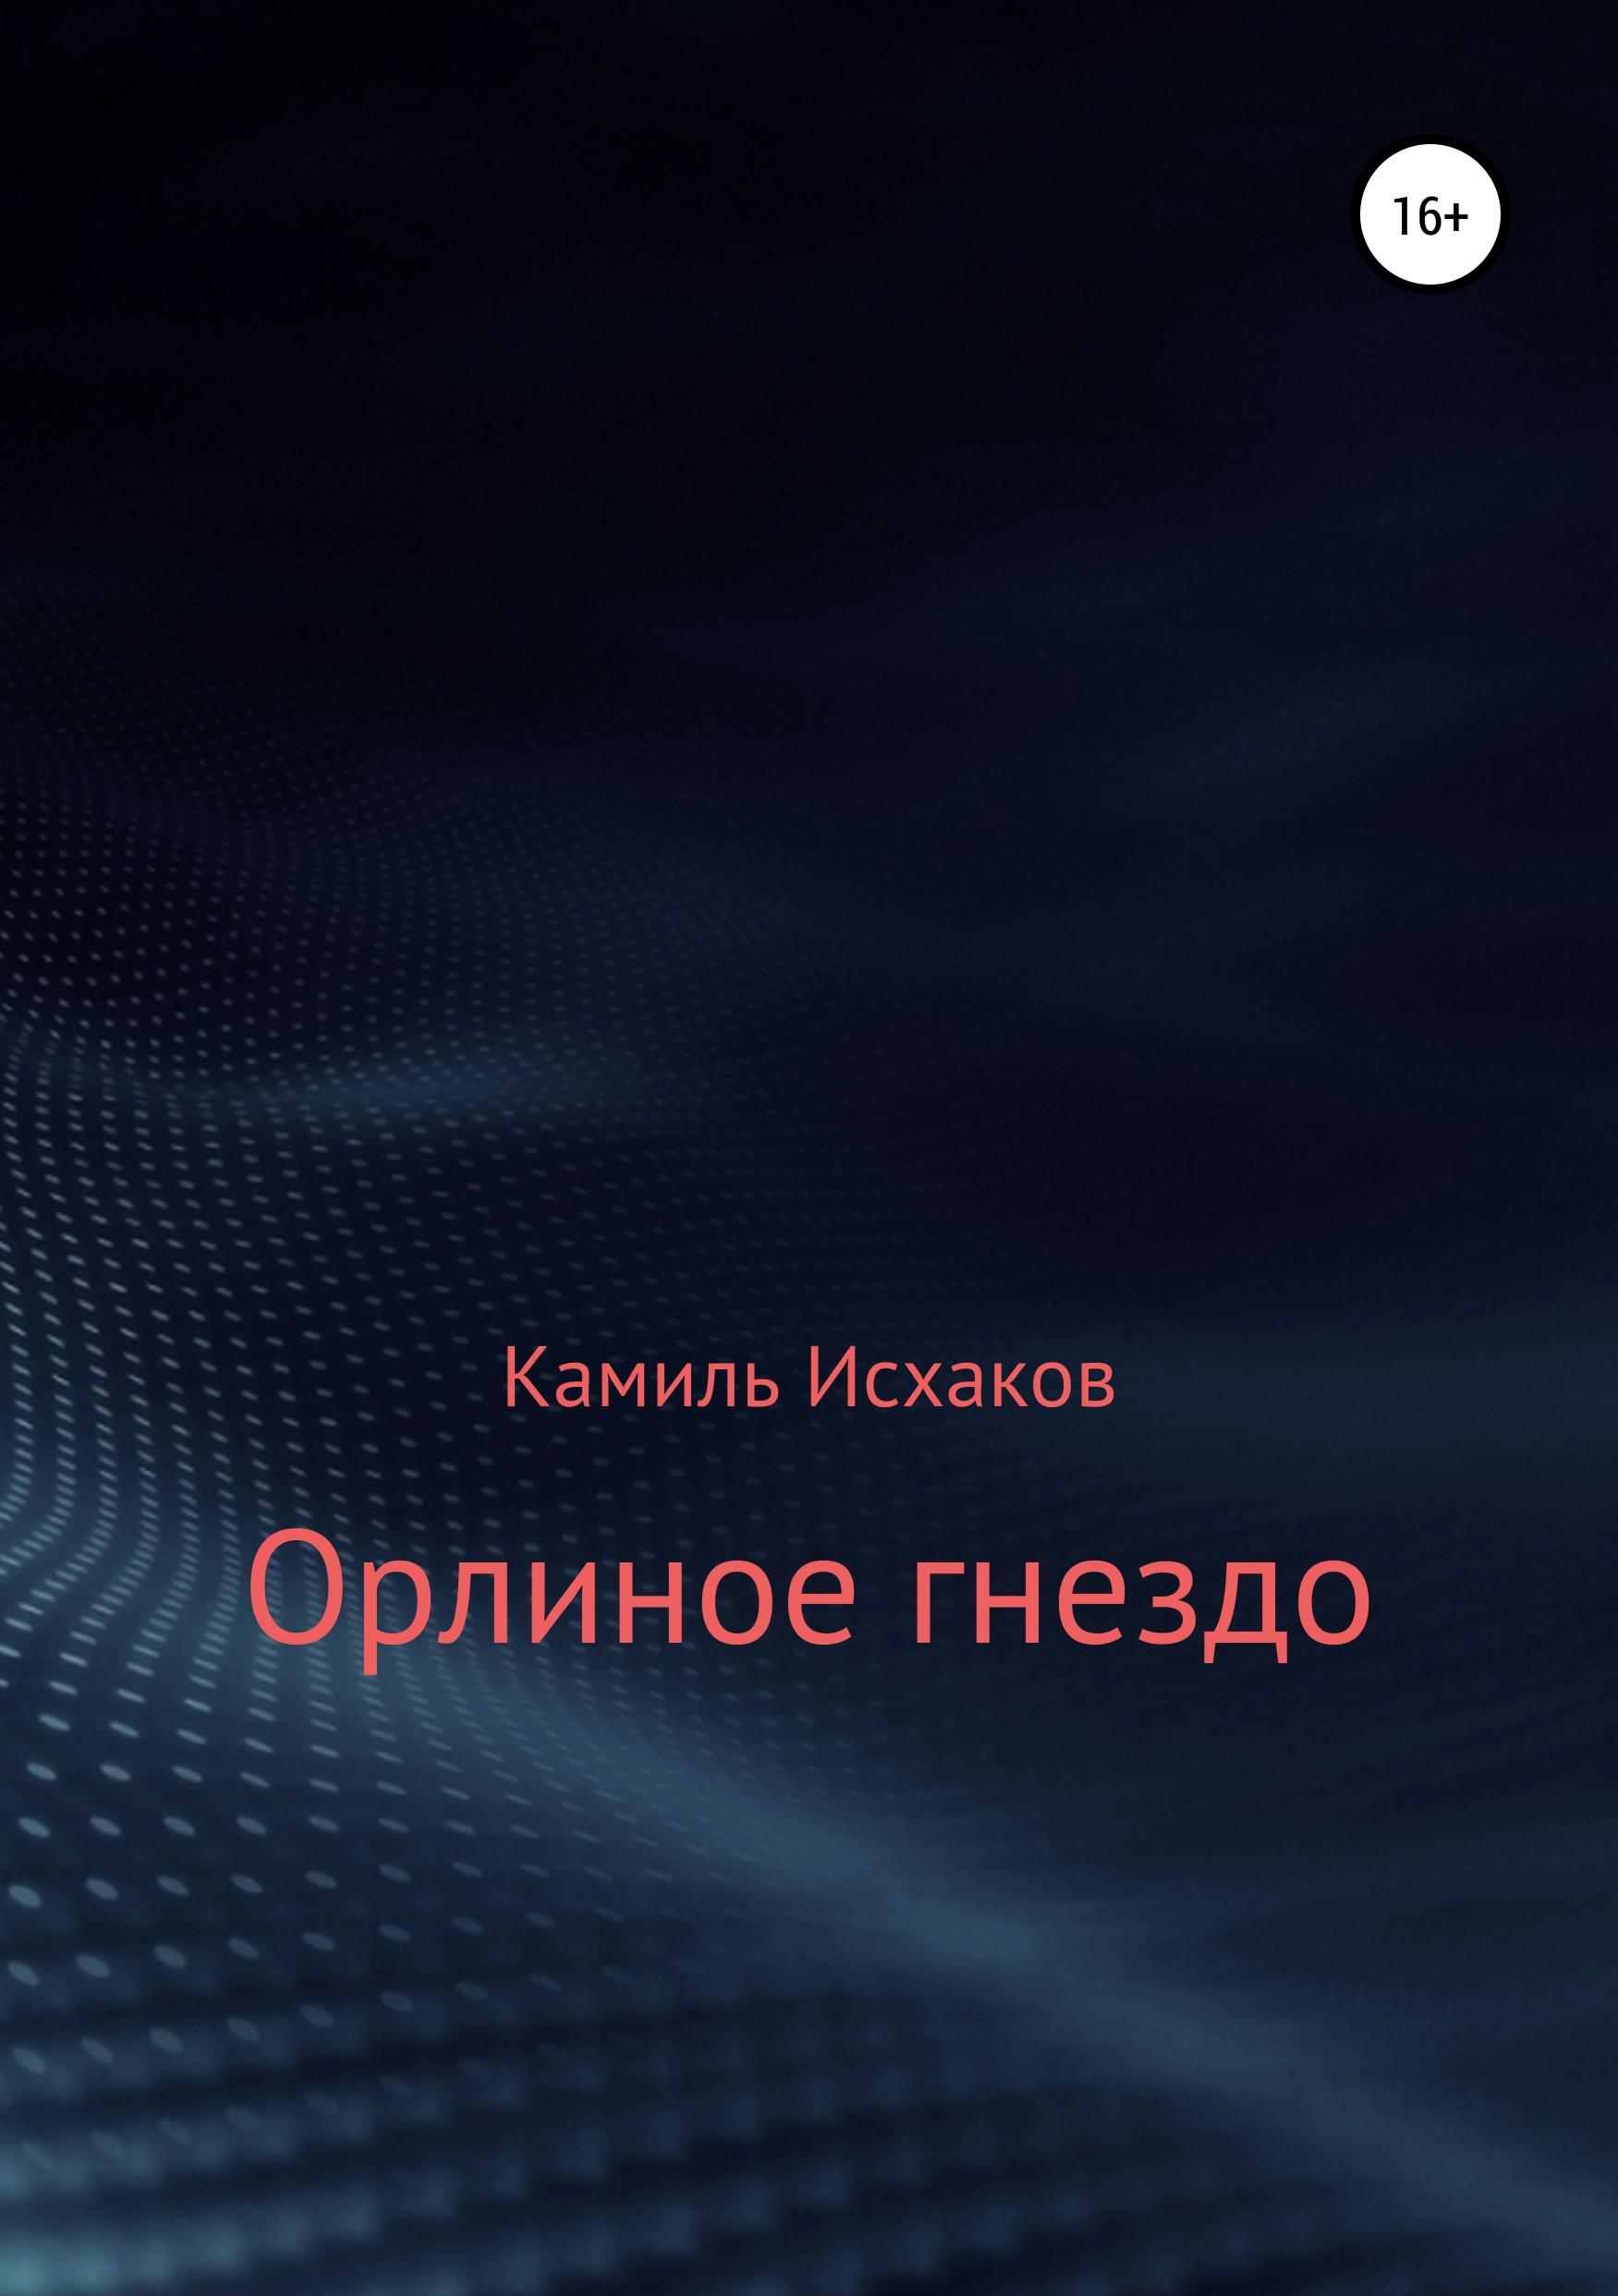 Камиль Исхаков Орлиное гнездо цена